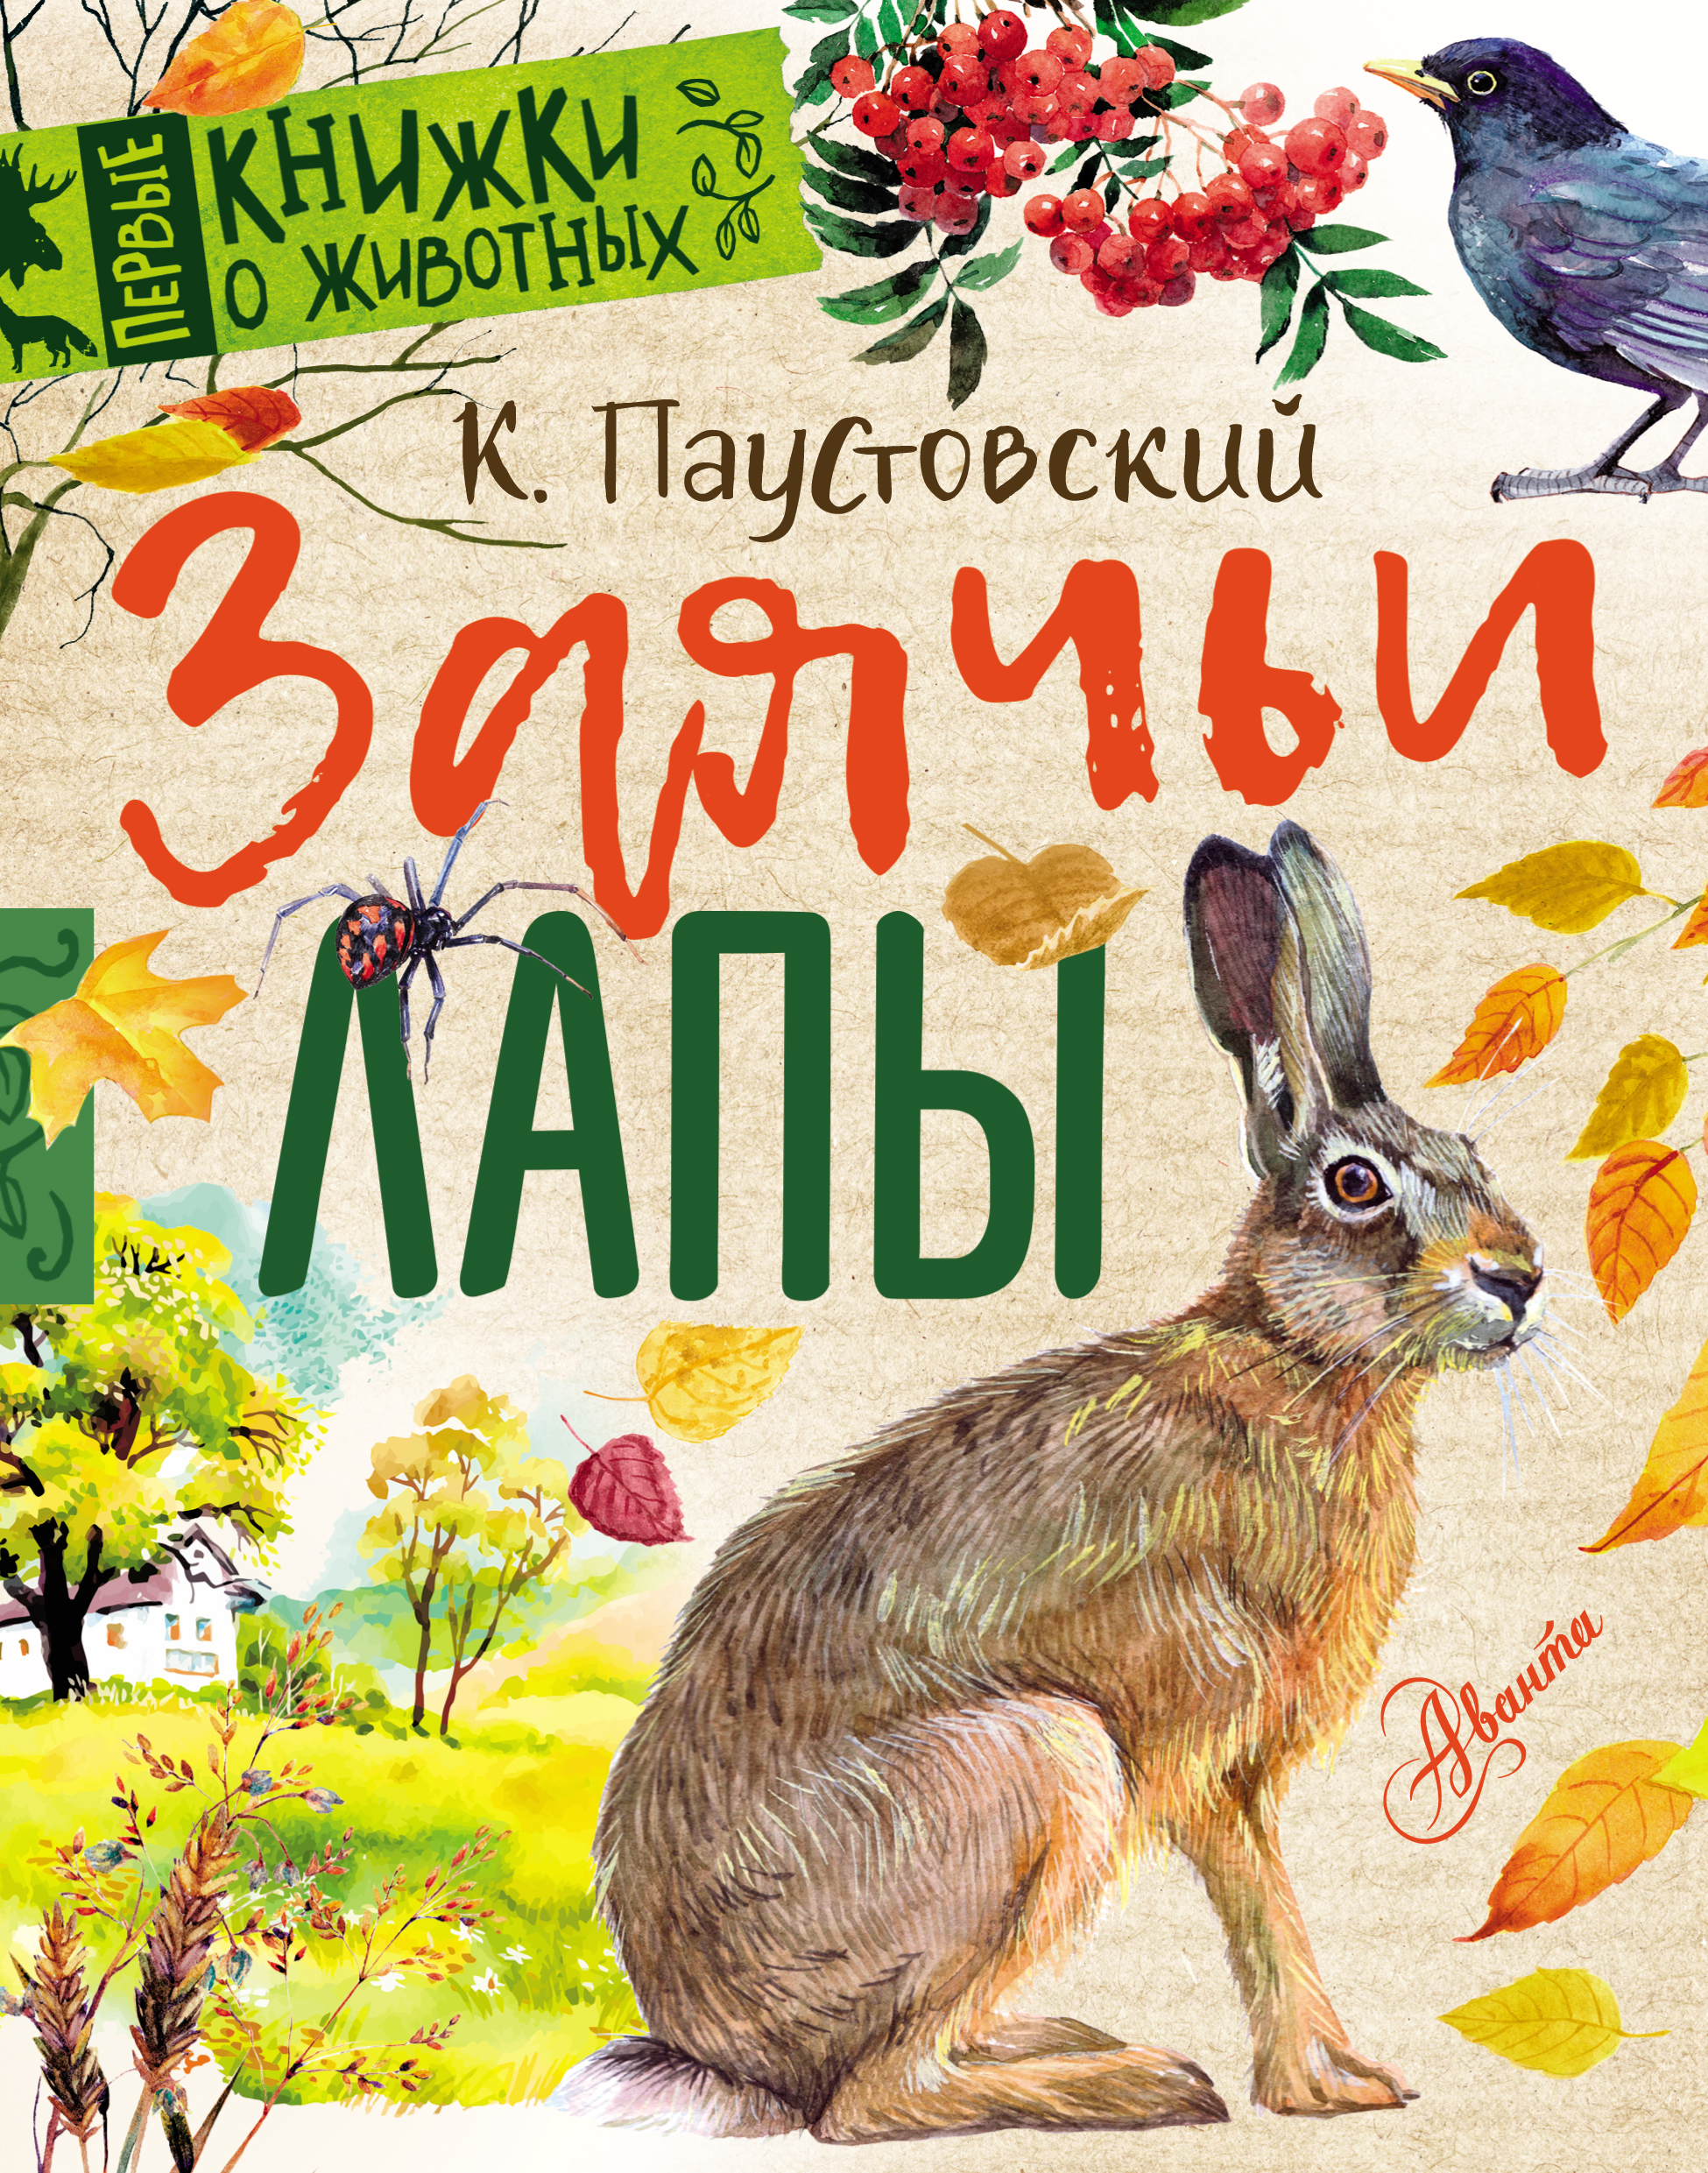 К. Г. Паустовский Заячьи лапы (сборник)